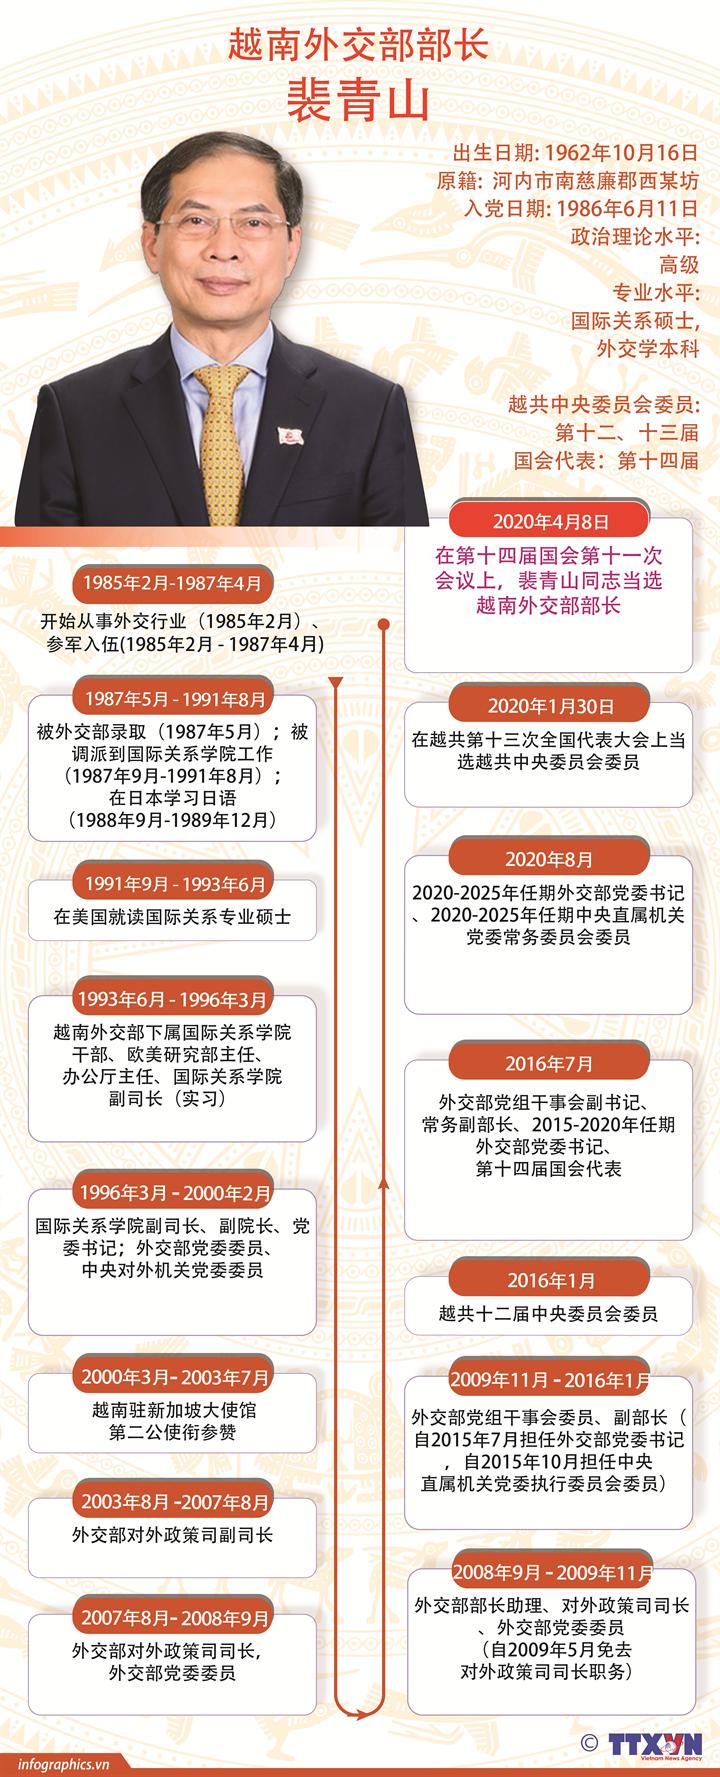 裴青山当选越南外交部部长